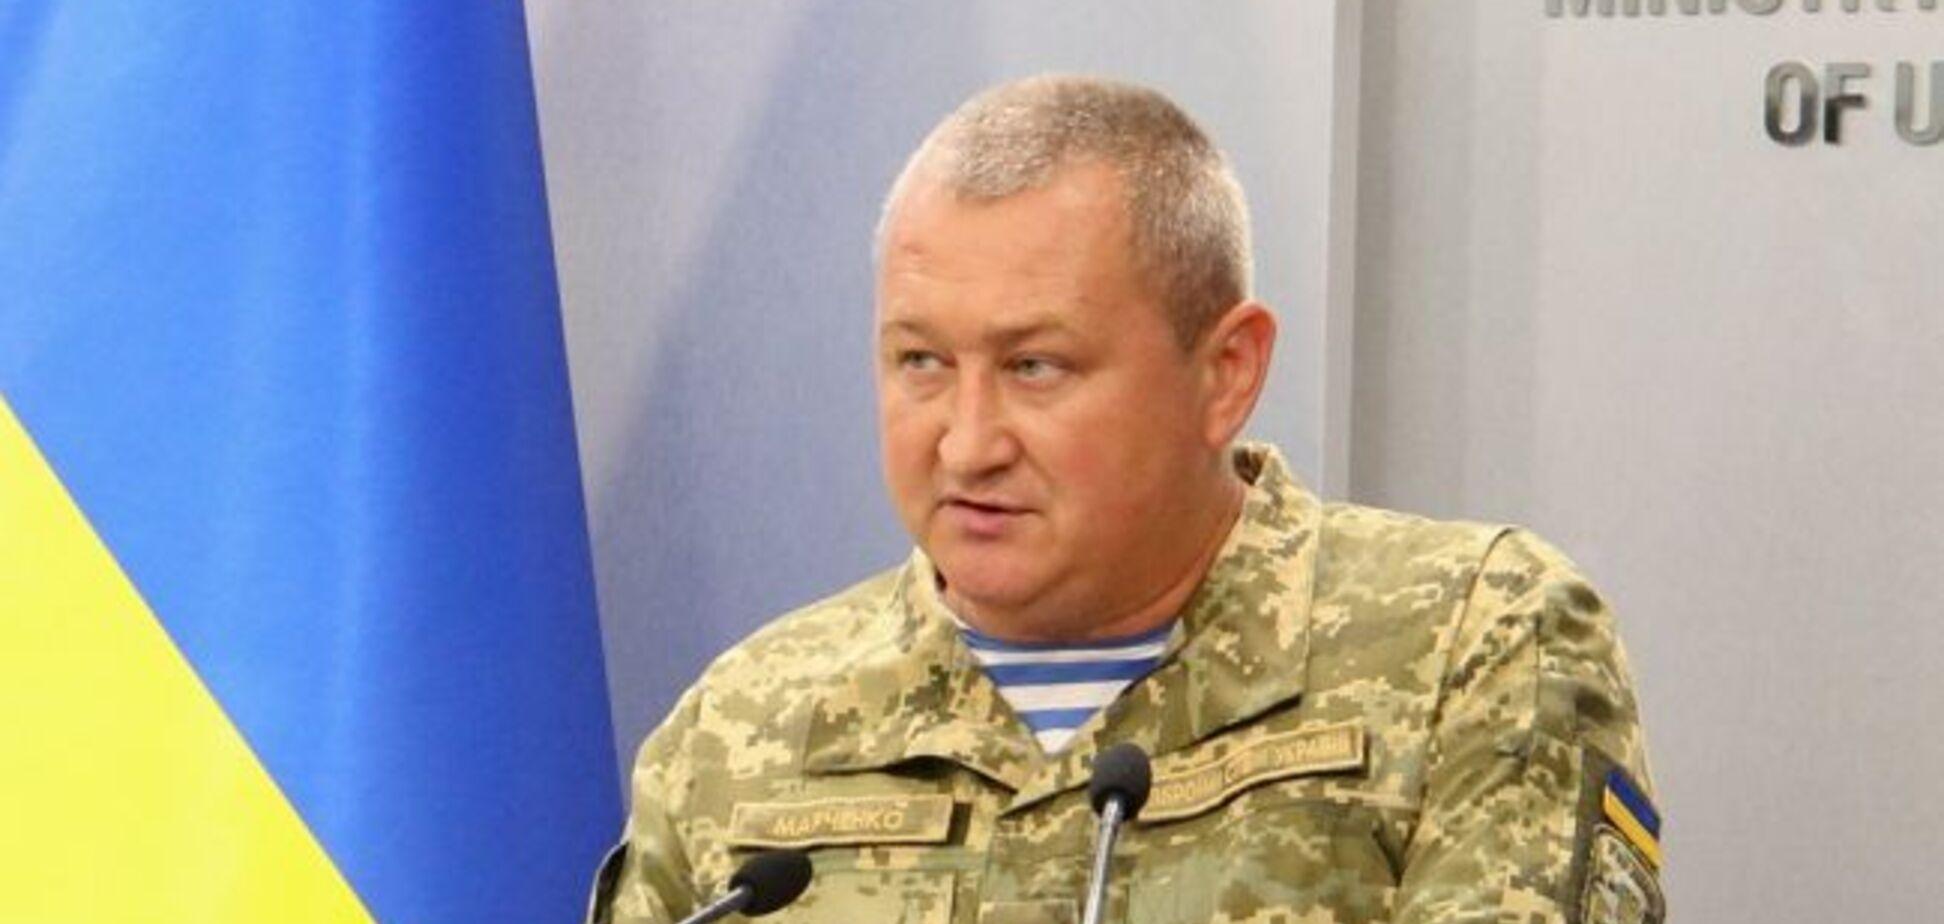 Справа бронежилетів для ЗСУ: генерала Марченка заарештували